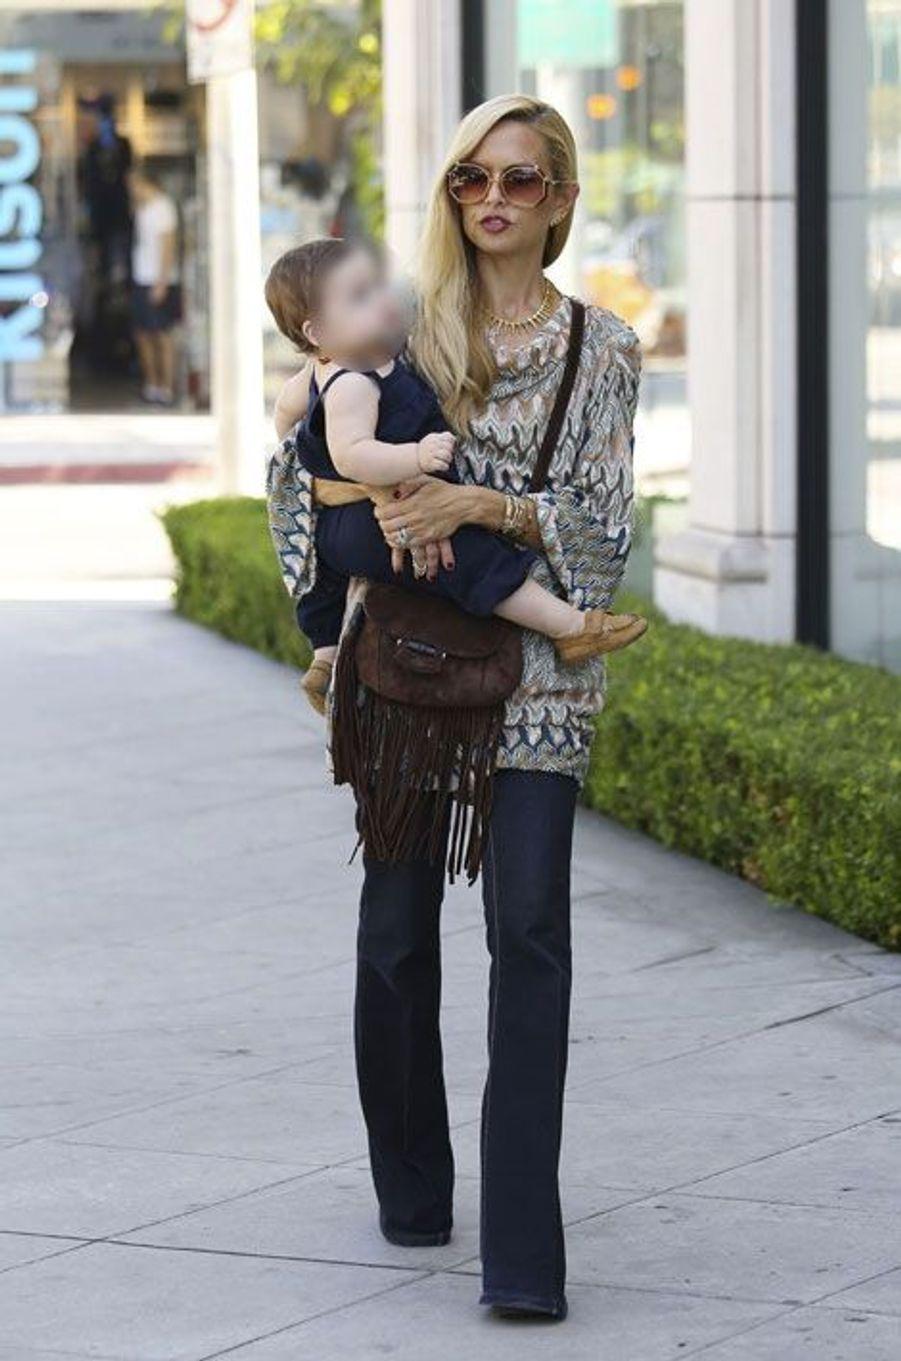 La styliste Rachel Zoe lors d'un déjeuner avec son fils à Los Angeles, le 13 octobre 2014